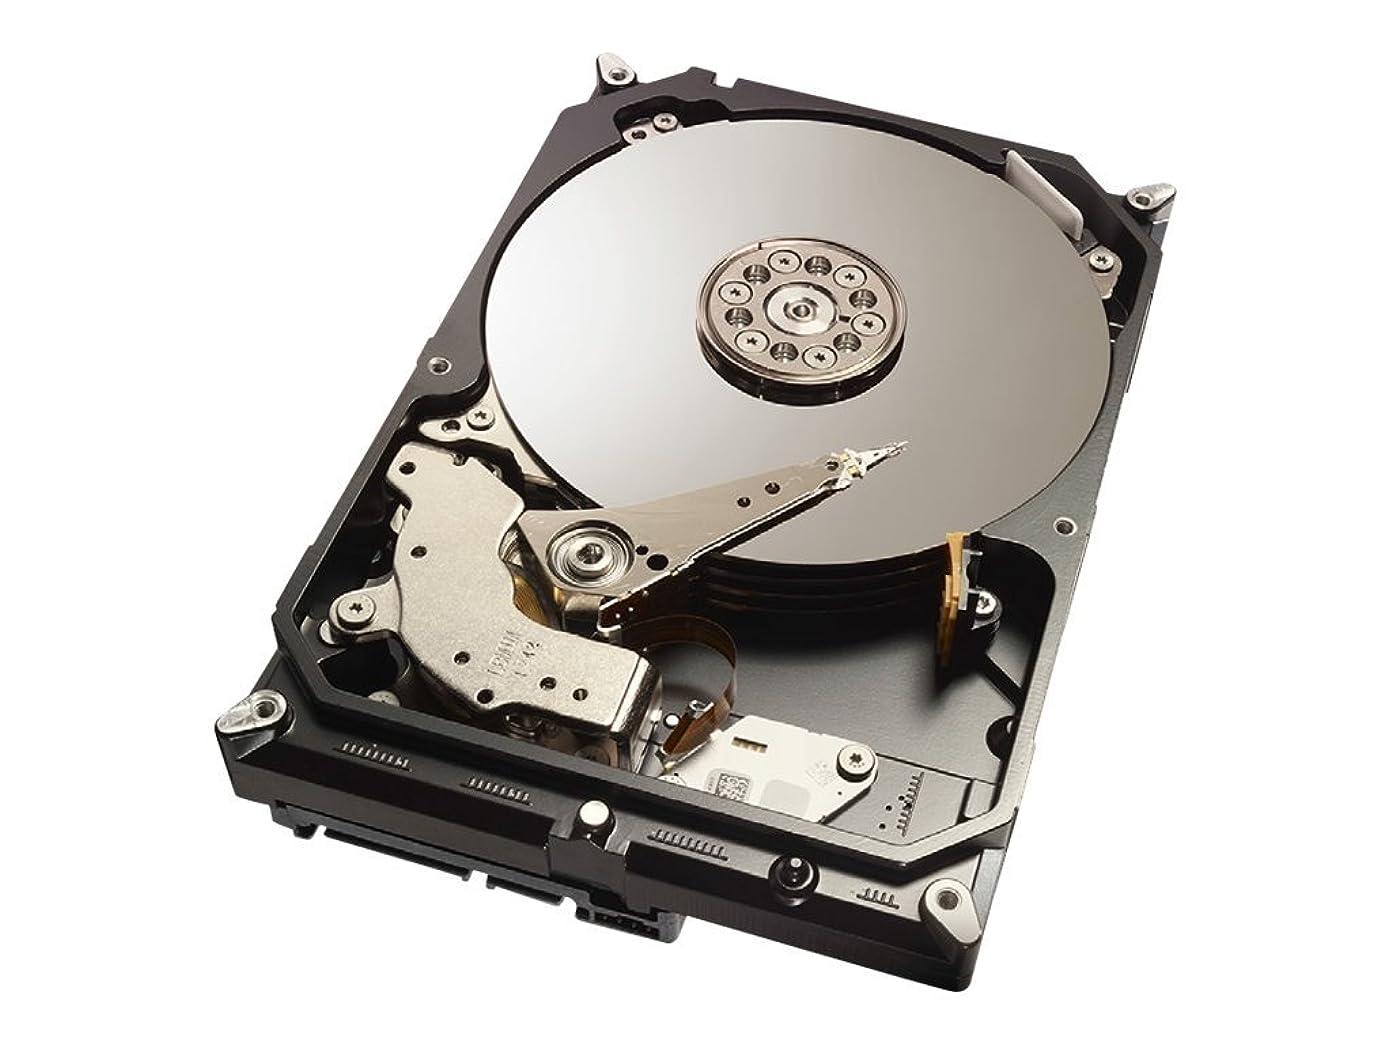 かき混ぜる正規化お手伝いさんDesktop 3.5inch Hybrid SSHD ST1000DX001 SATA 6Gb/s 1TB 7200rpm 8GBMLC 64MB AF